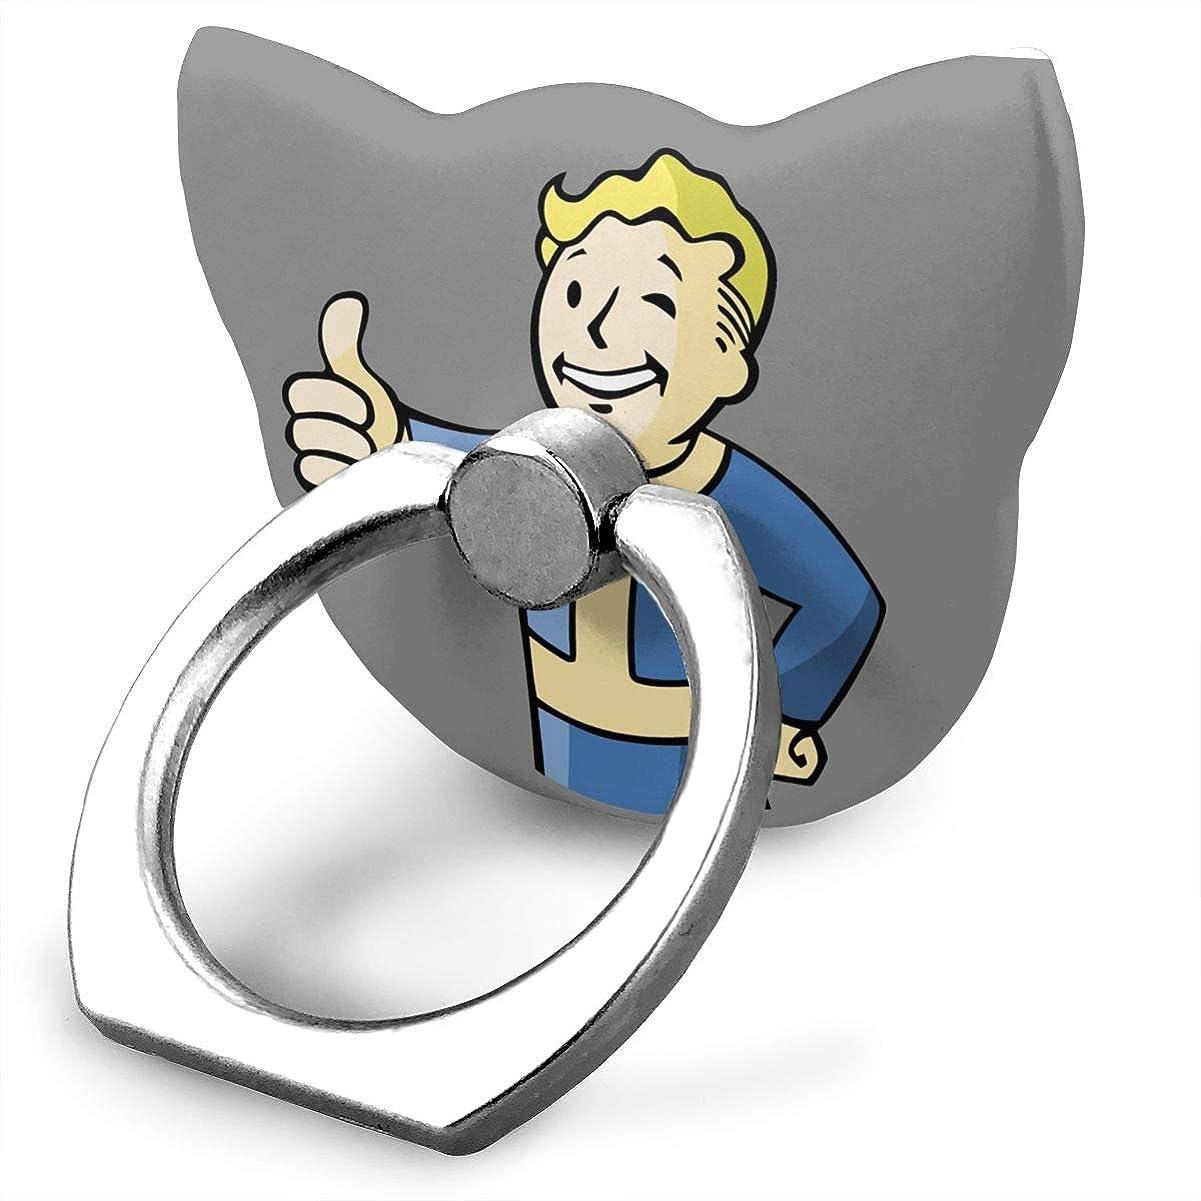 永久ハロウィンお客様プライベートカスタム フォール アウト ボーイ スマホ リング ホールドリング 指輪リング 薄型 おしゃれ スタンド機能 落下防止 360度回転 タブレット/スマホ\r\n IPhone/Android各種他対応